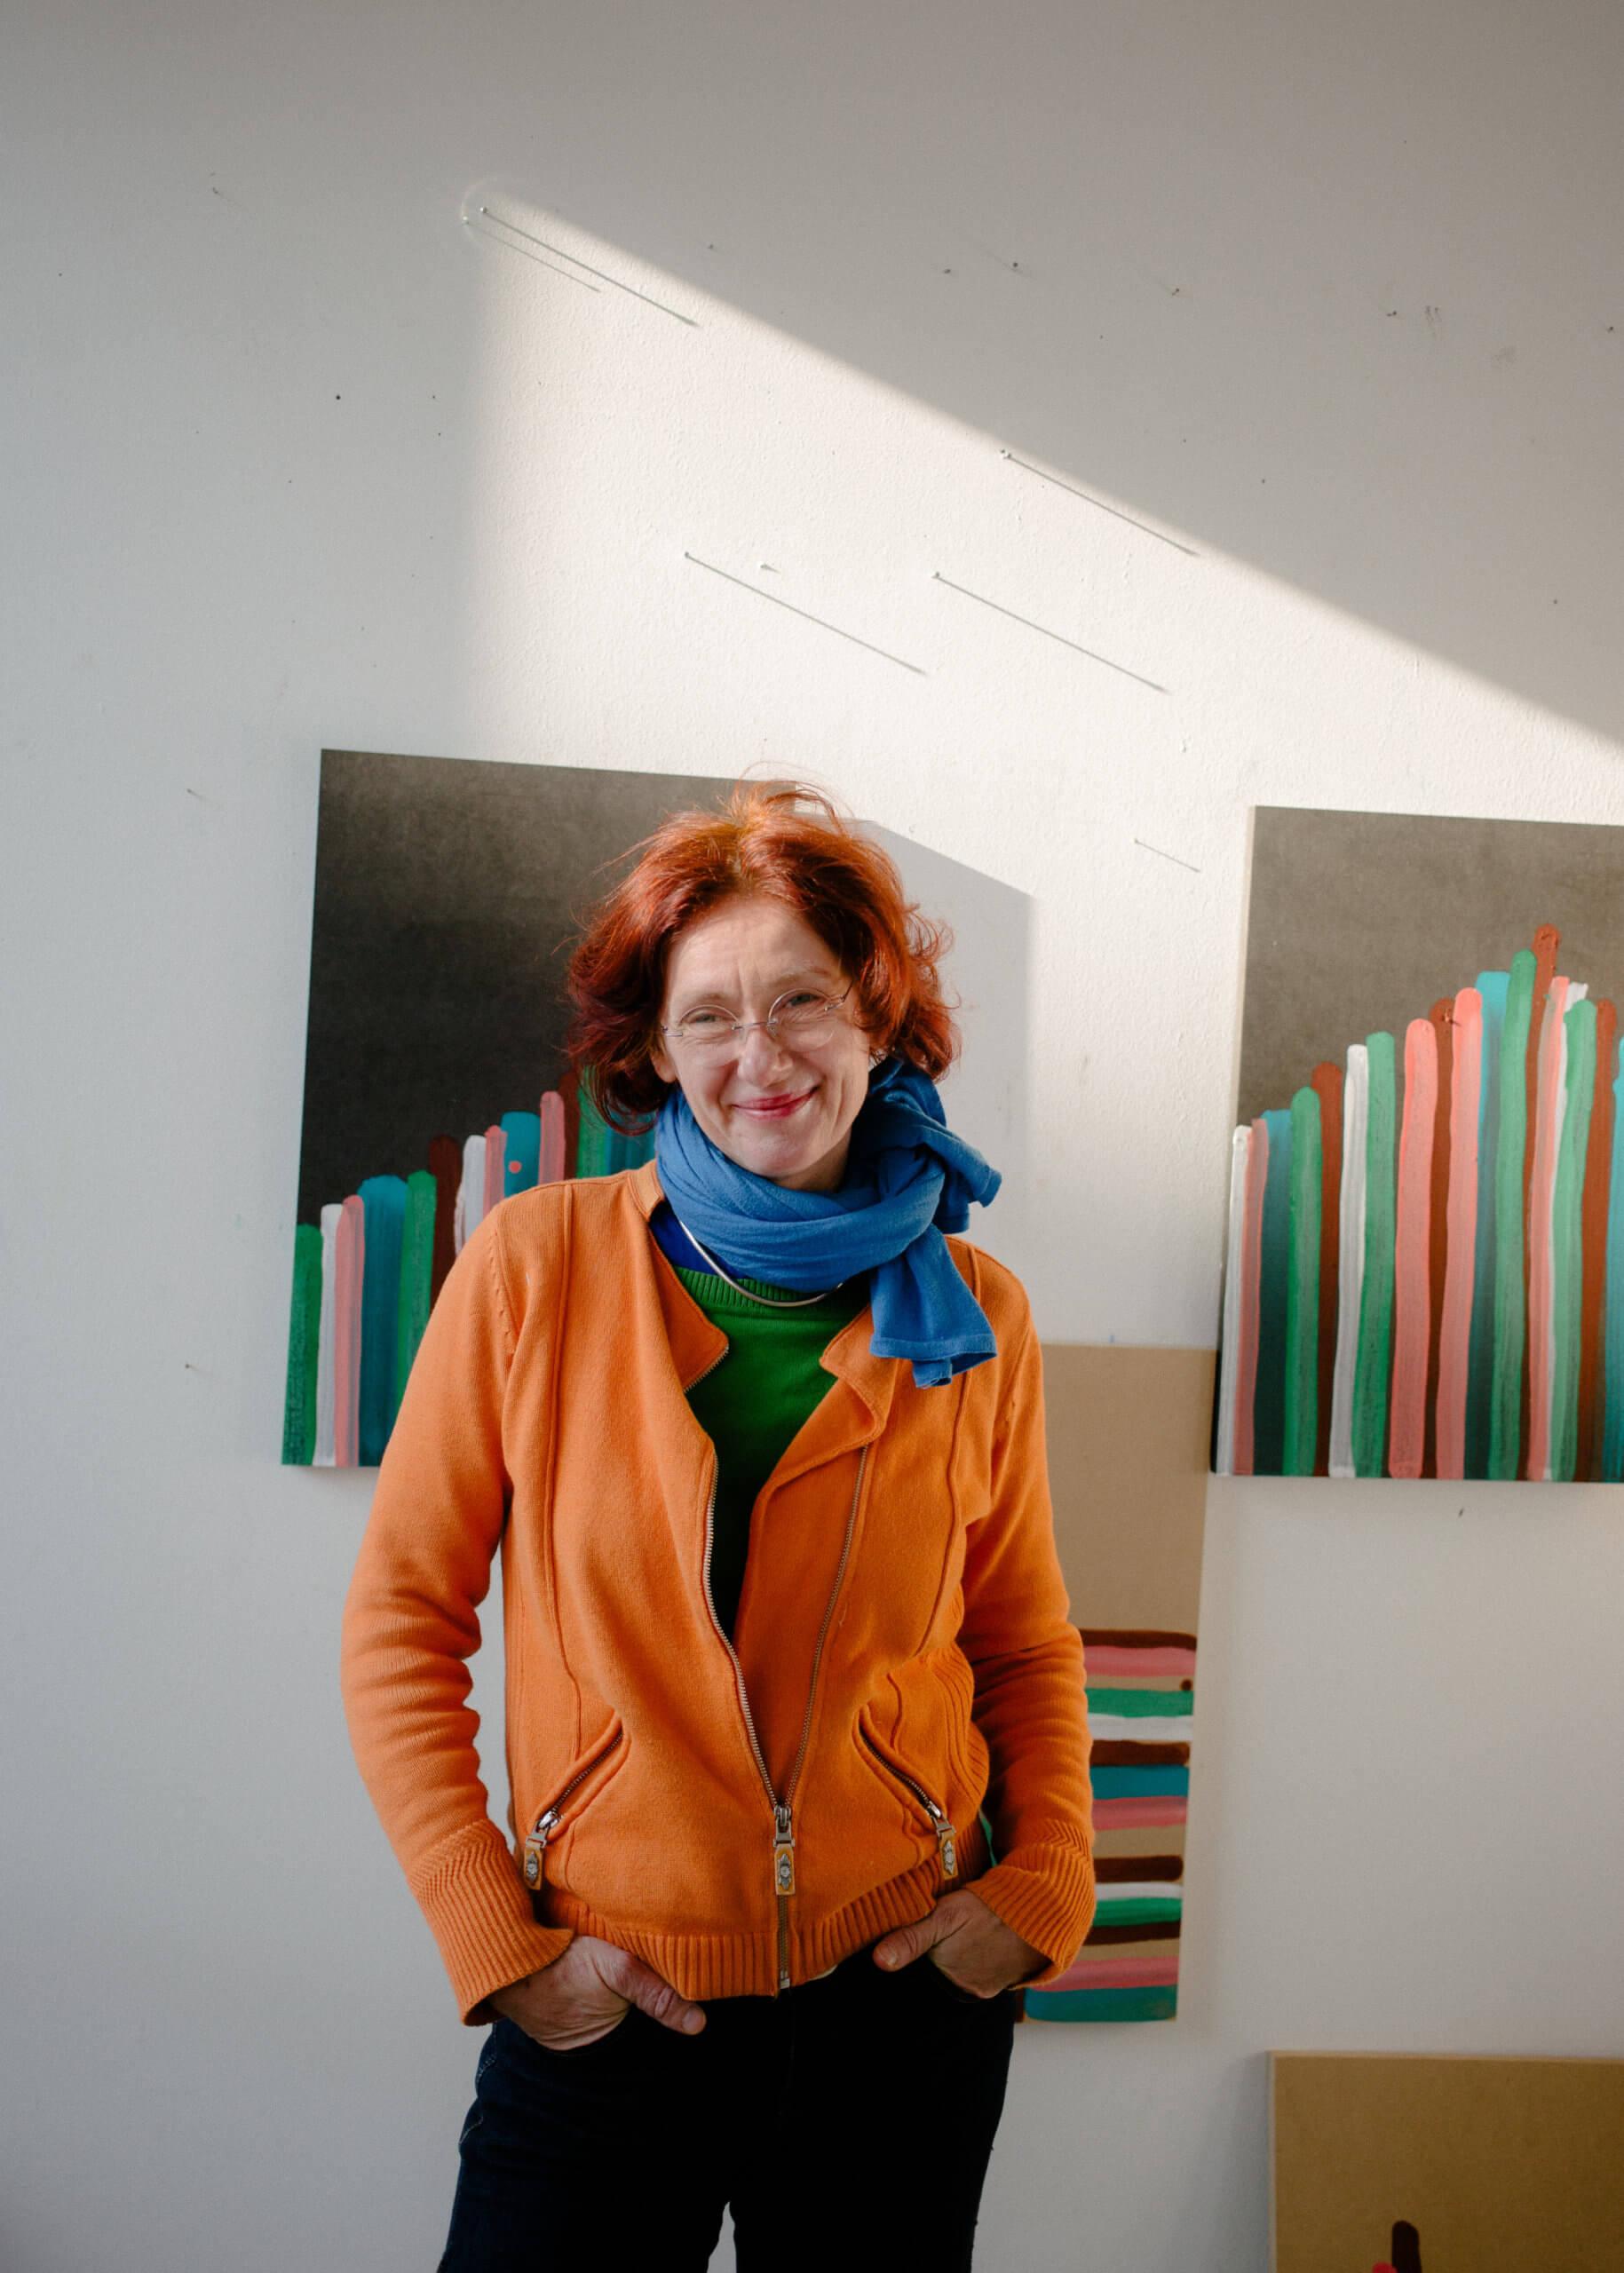 Ein Portrait von Annegret Hoch in ihrem Atelier. Sie steht vor einer weißen Wand an denen unfertige Arbeiten von ihr hängen.